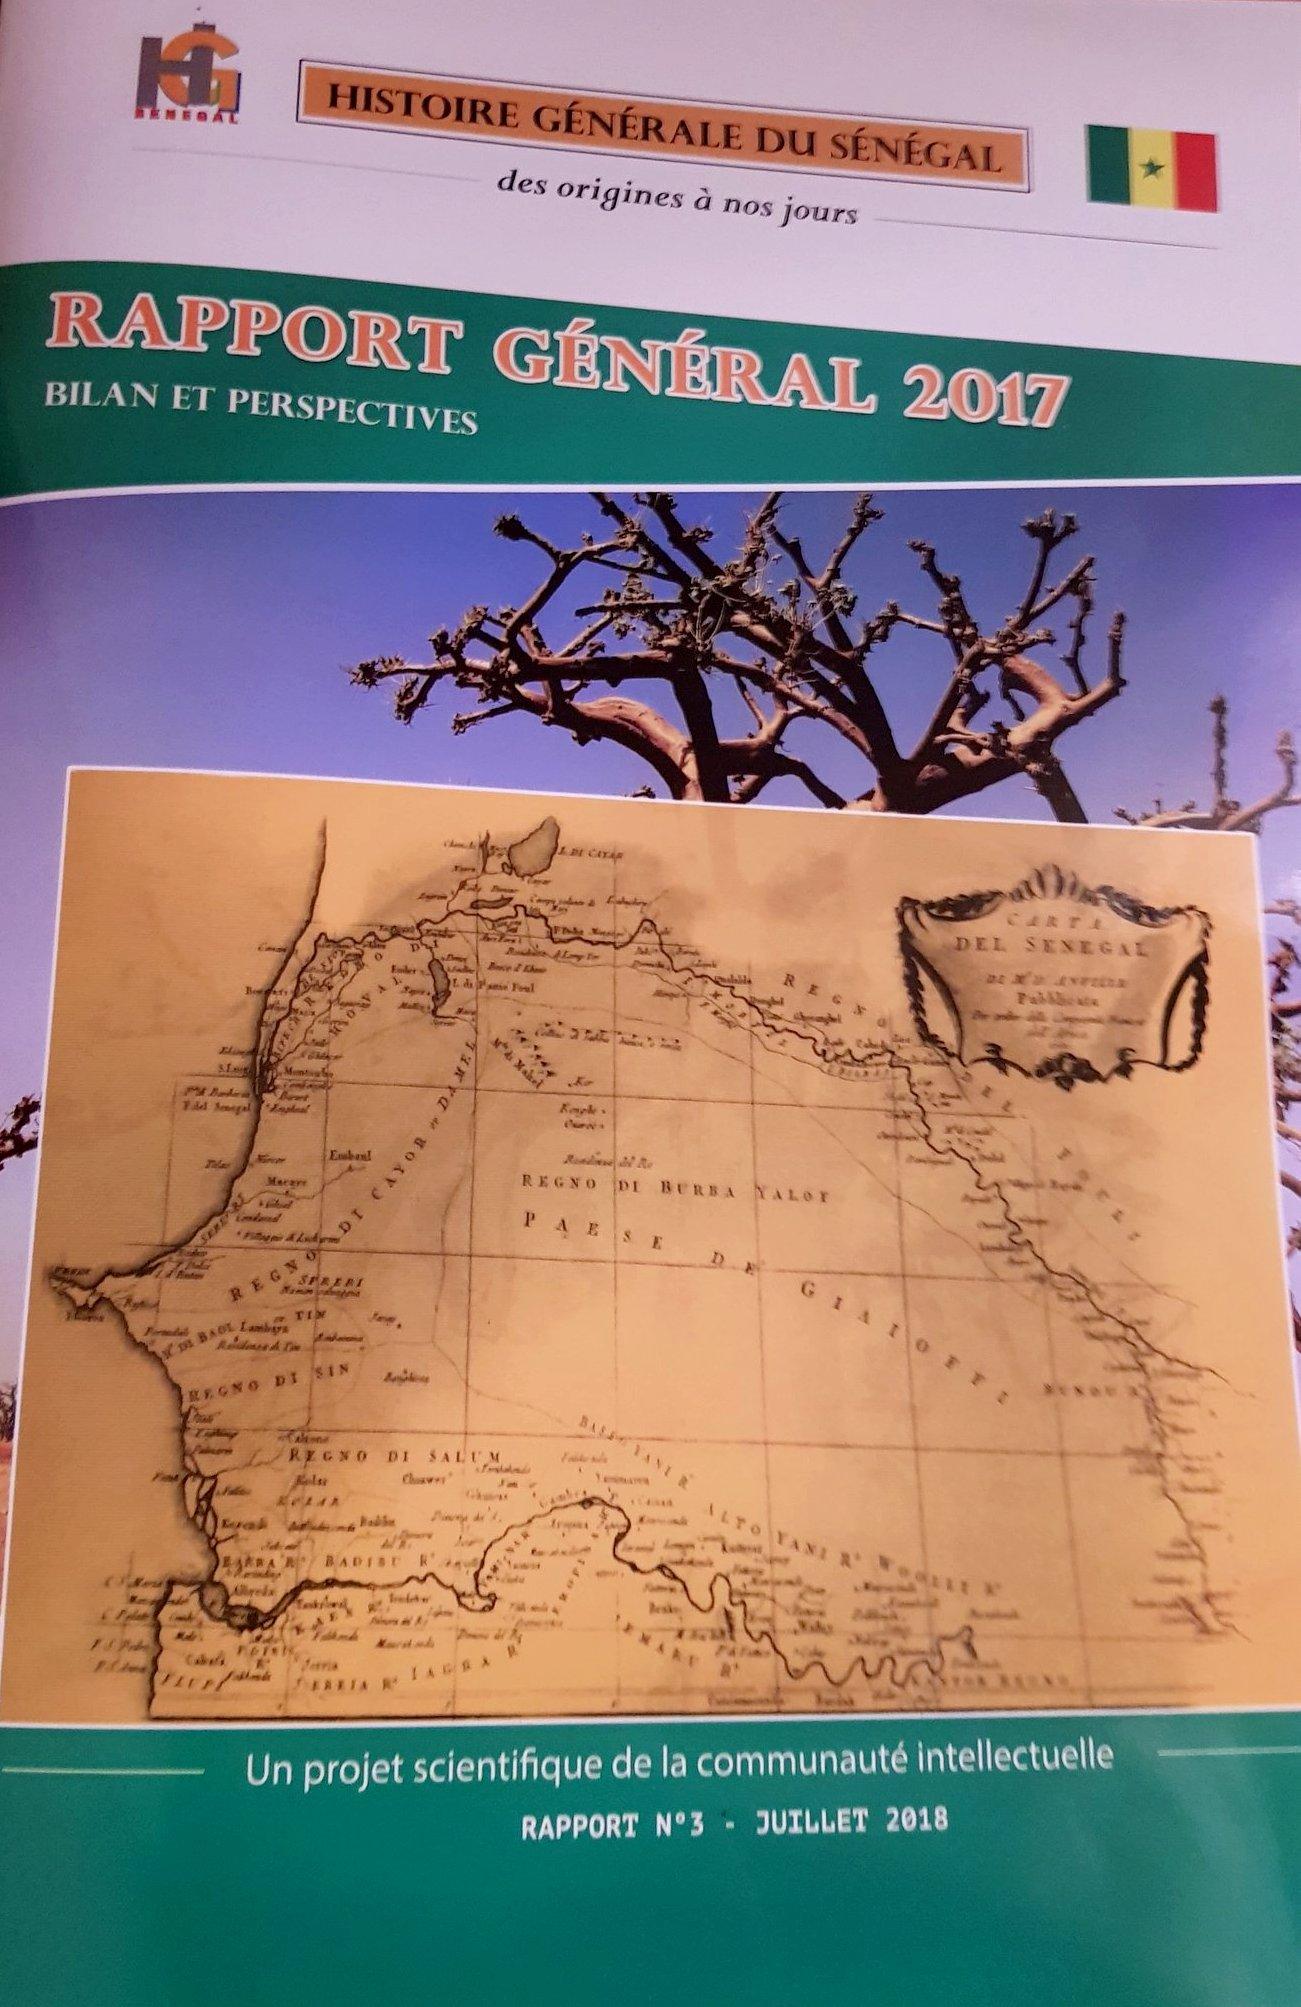 Rapport sur la rédaction de l'Histoire Générale du Sénégal